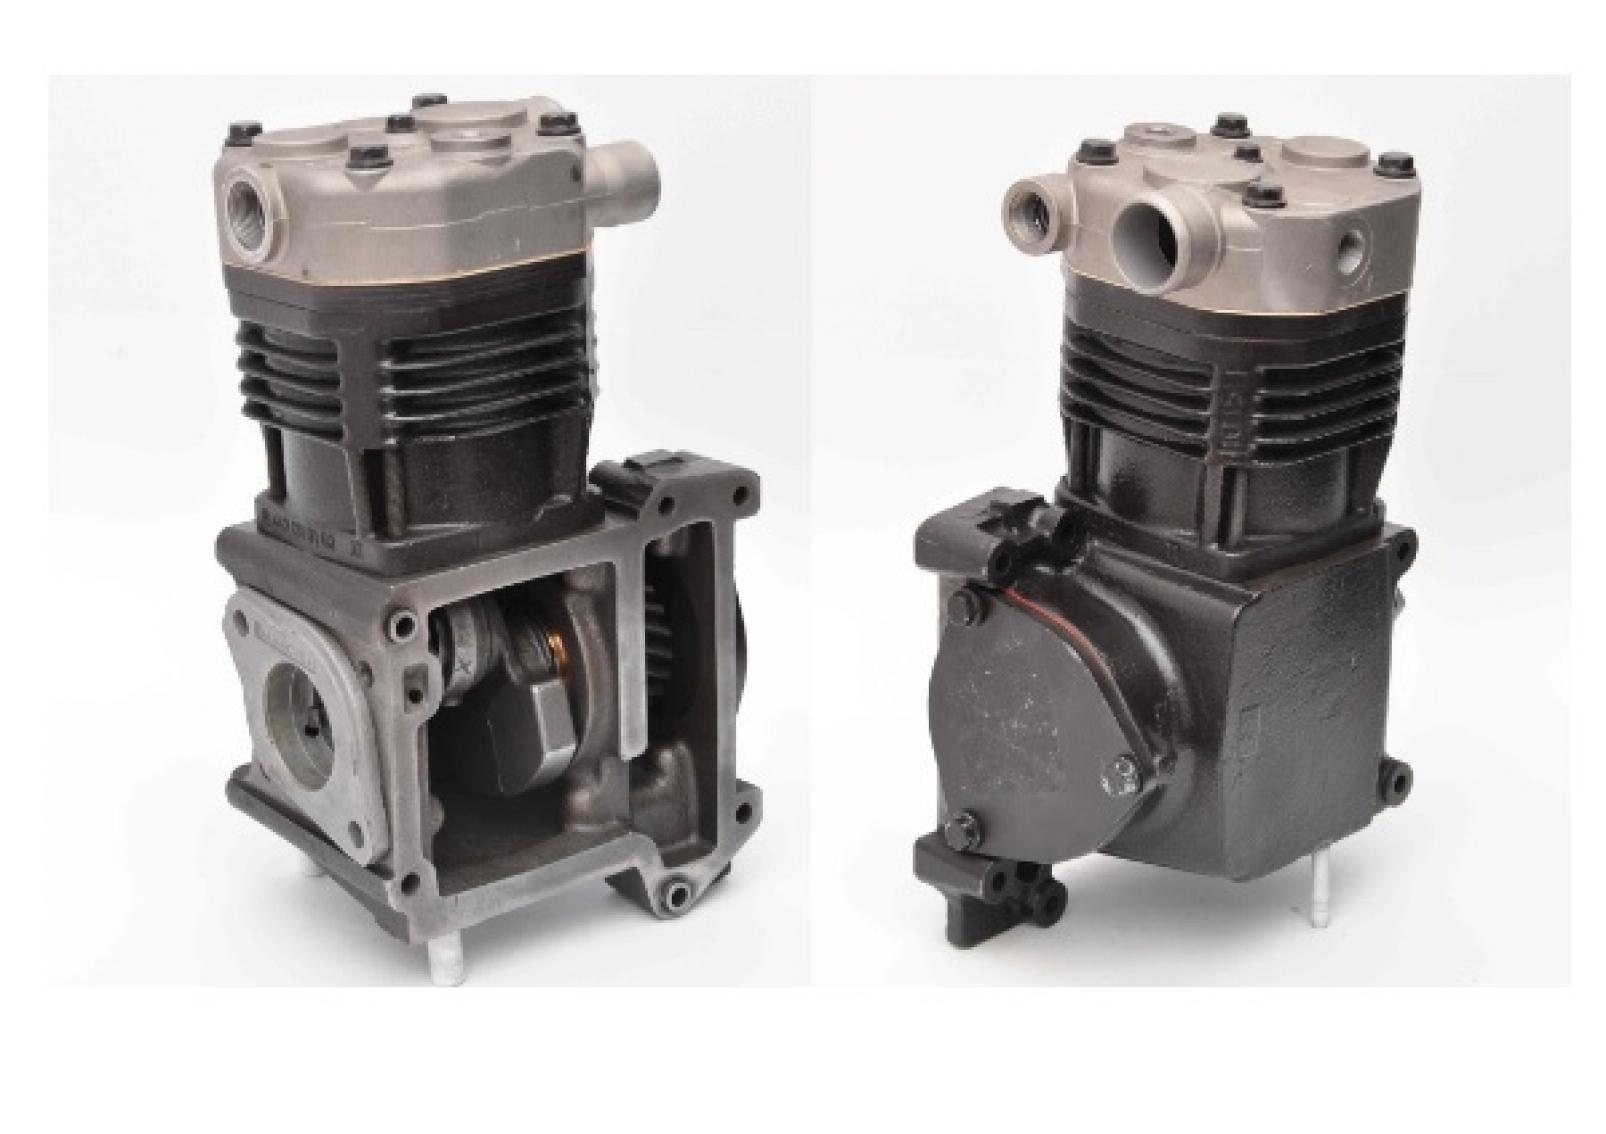 Air Compressor for Mercedes Benz, 4471302815, 4471303315, 4471302015